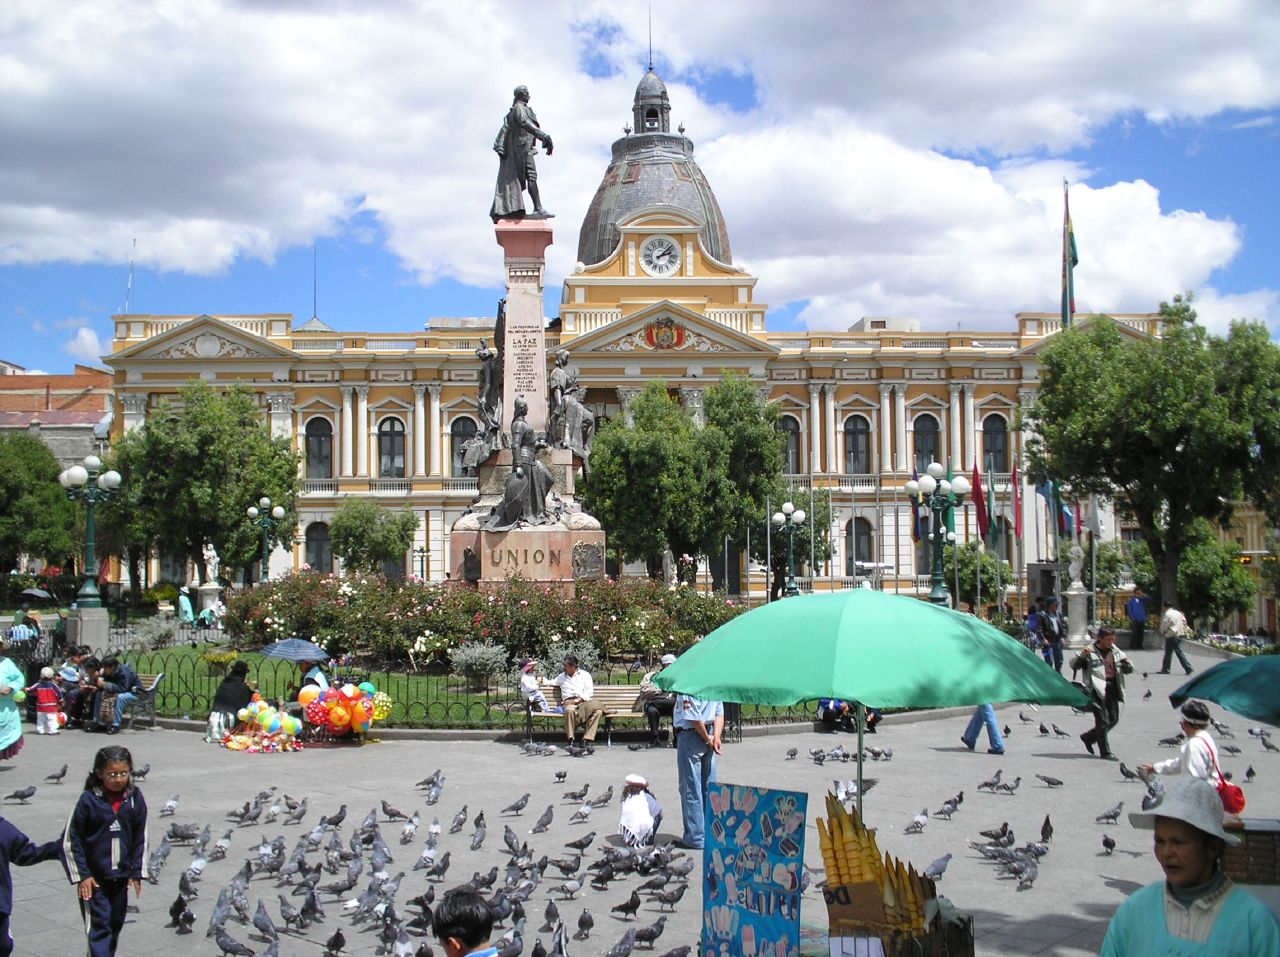 Dateiplaza De Armas De La Paz Palacio Del Gobierno Al Fondojpg